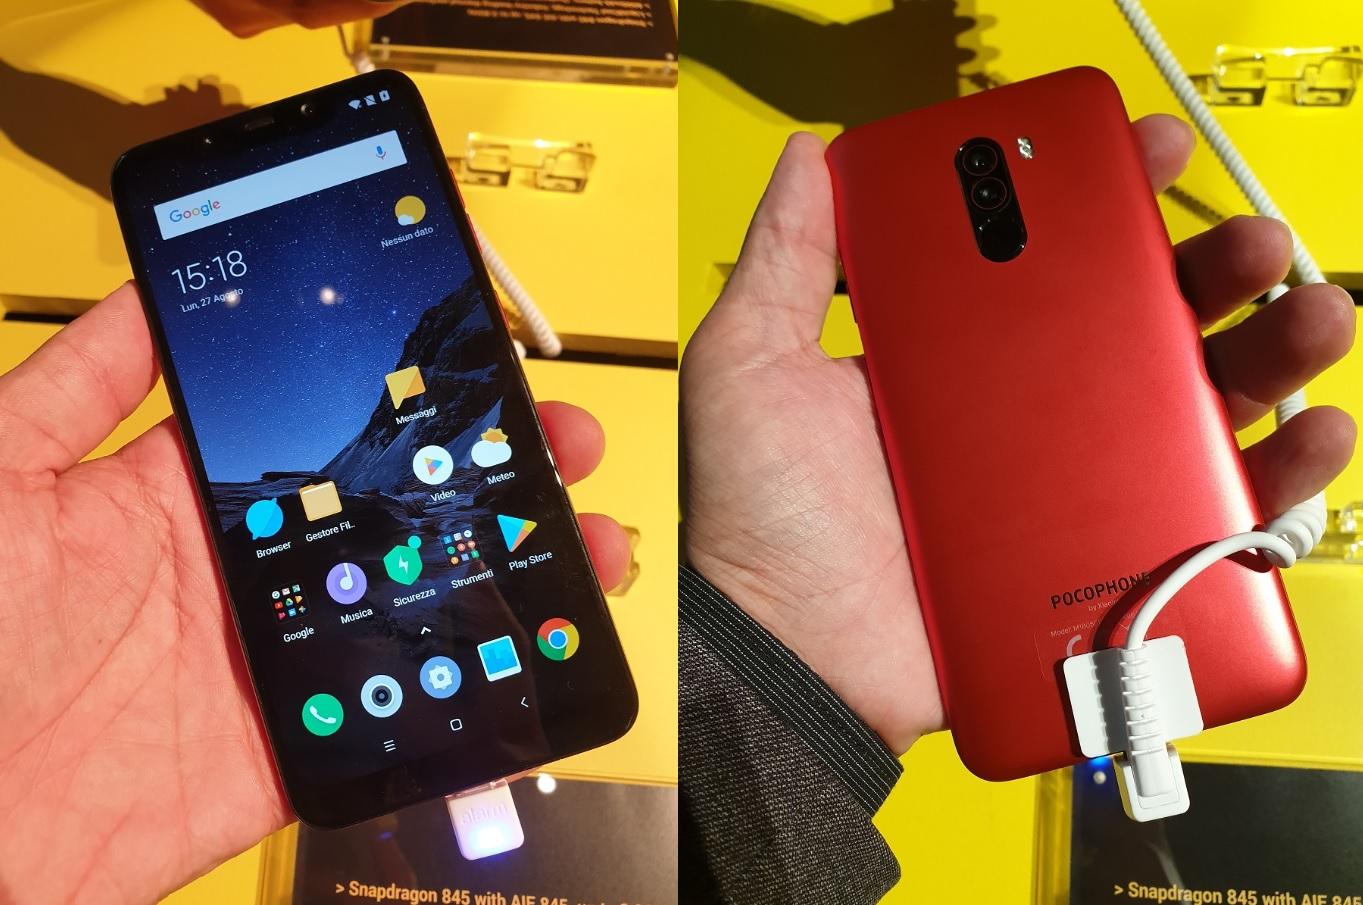 [ Prise en main ] Pocophone F1 : Xiaomi a décidé de tuer le marché